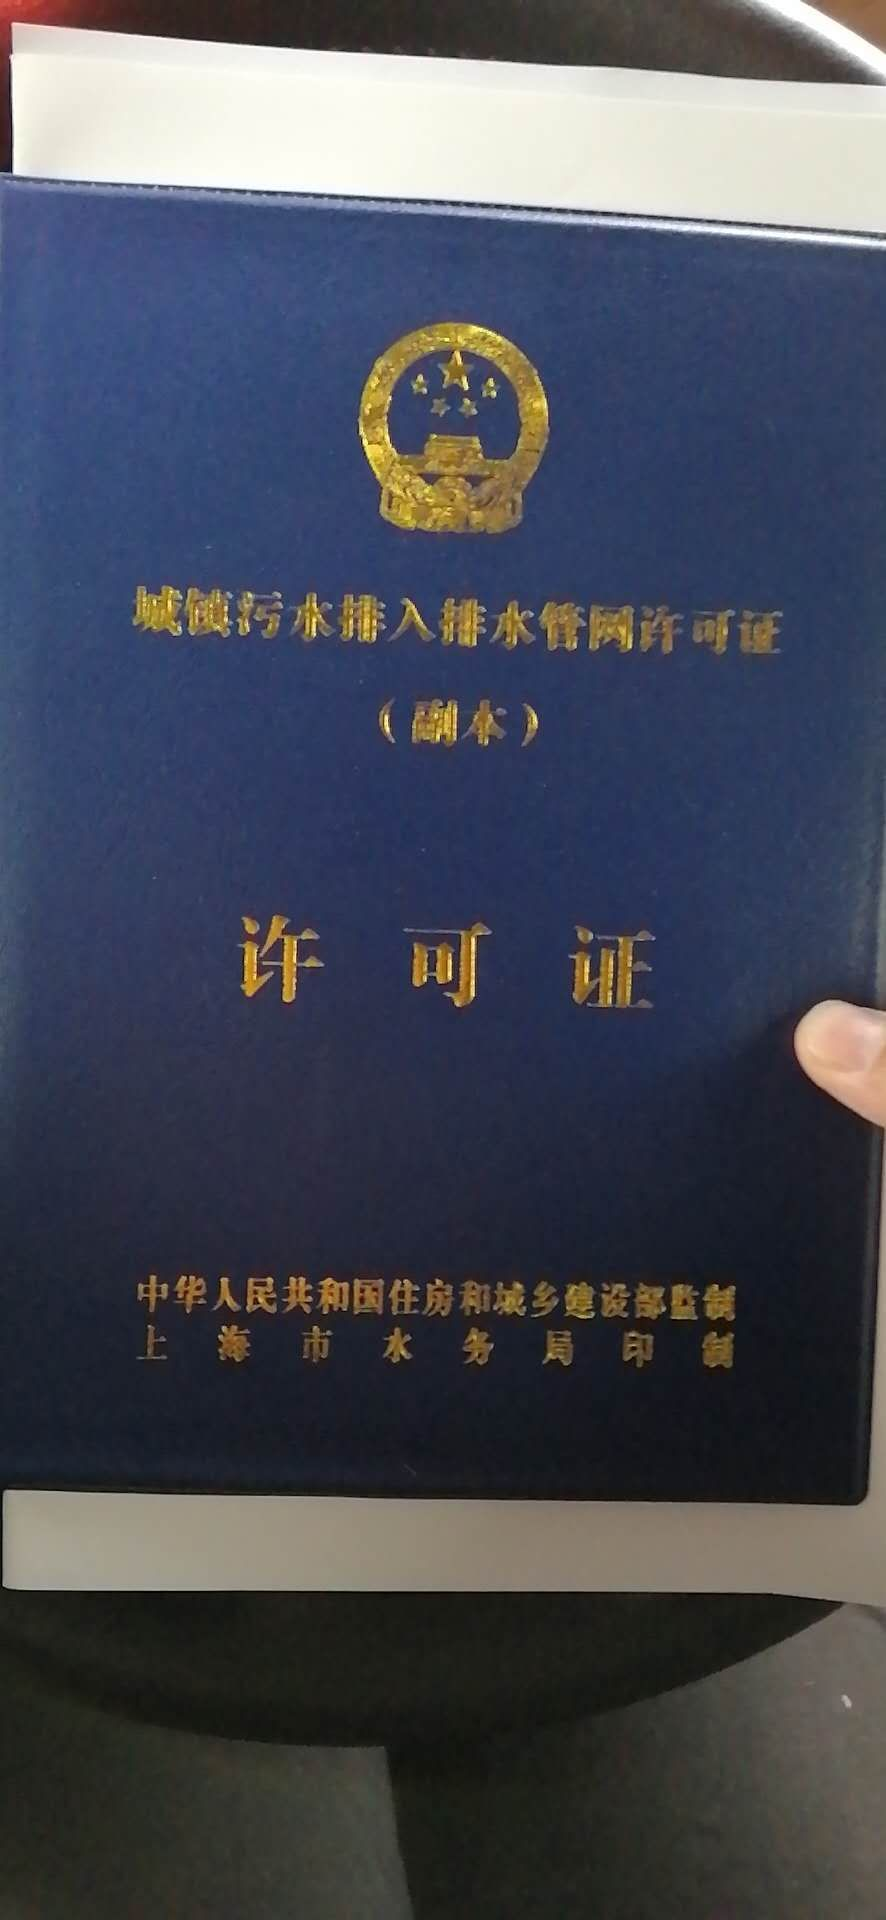 上海黄渡镇工厂管道检测